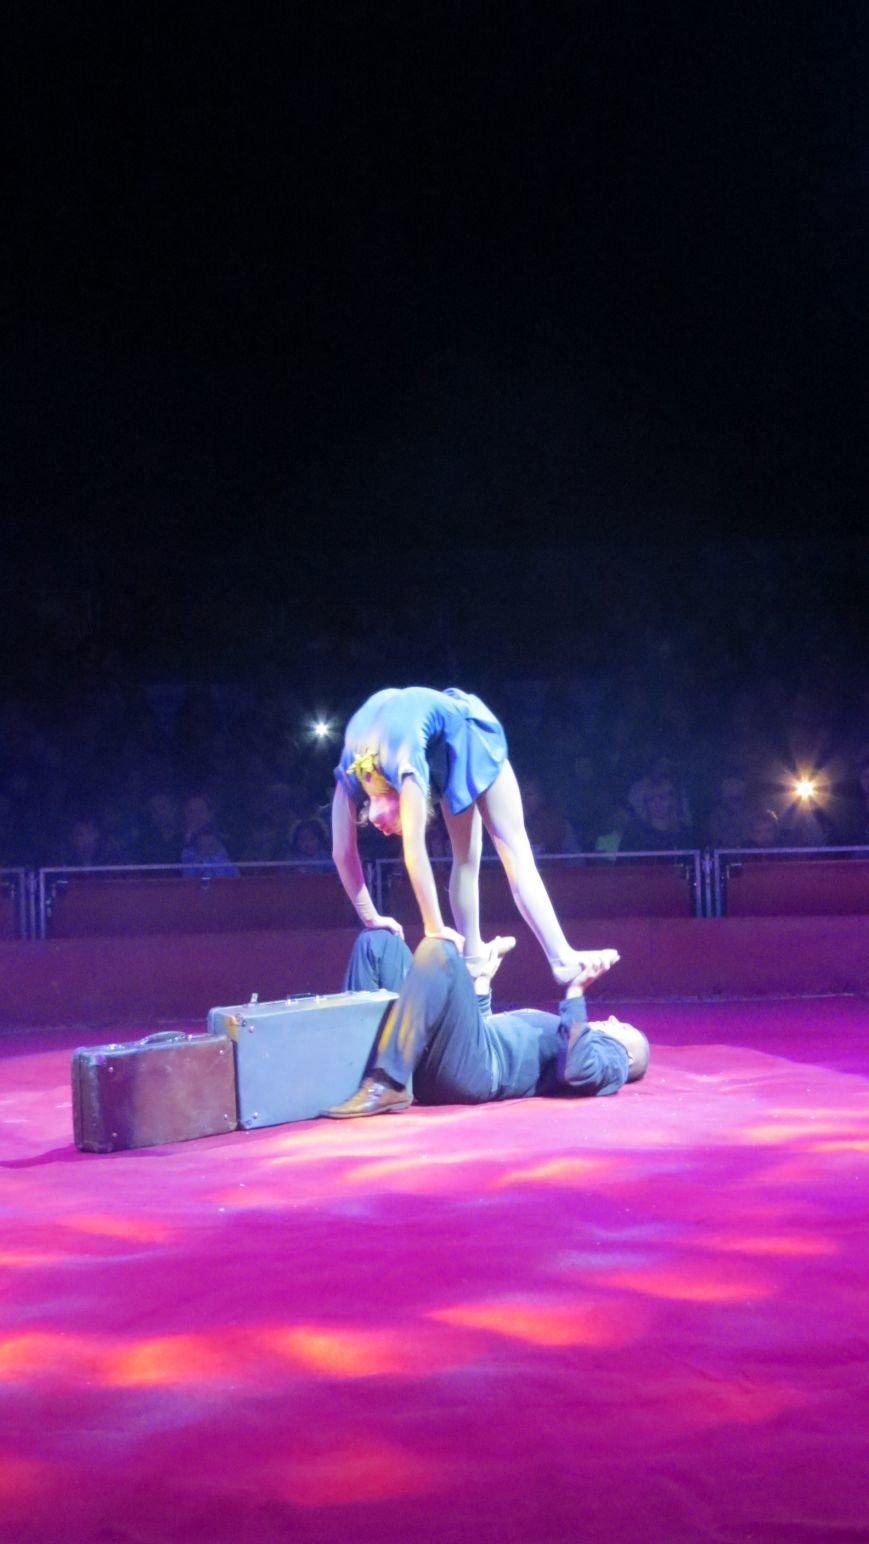 Италия приехала в Покровск: всемирно известный цирк «Кобзов» подарил горожанам 2 часа незабываемых эмоций, фото-30